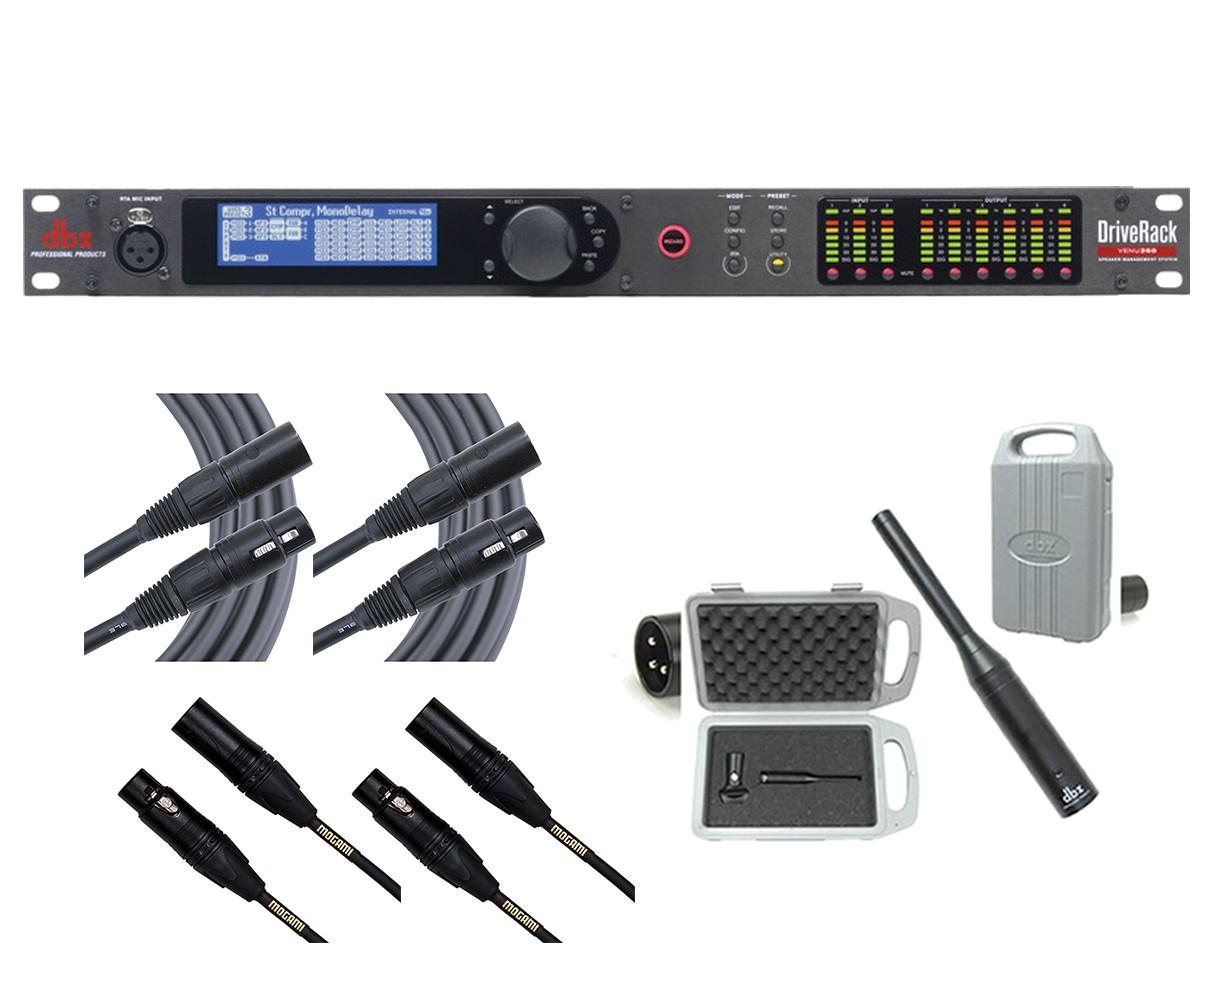 dbx DriveRack VENU360 + RTA-M + 2x Mogami 6' and 2x 20' Cables